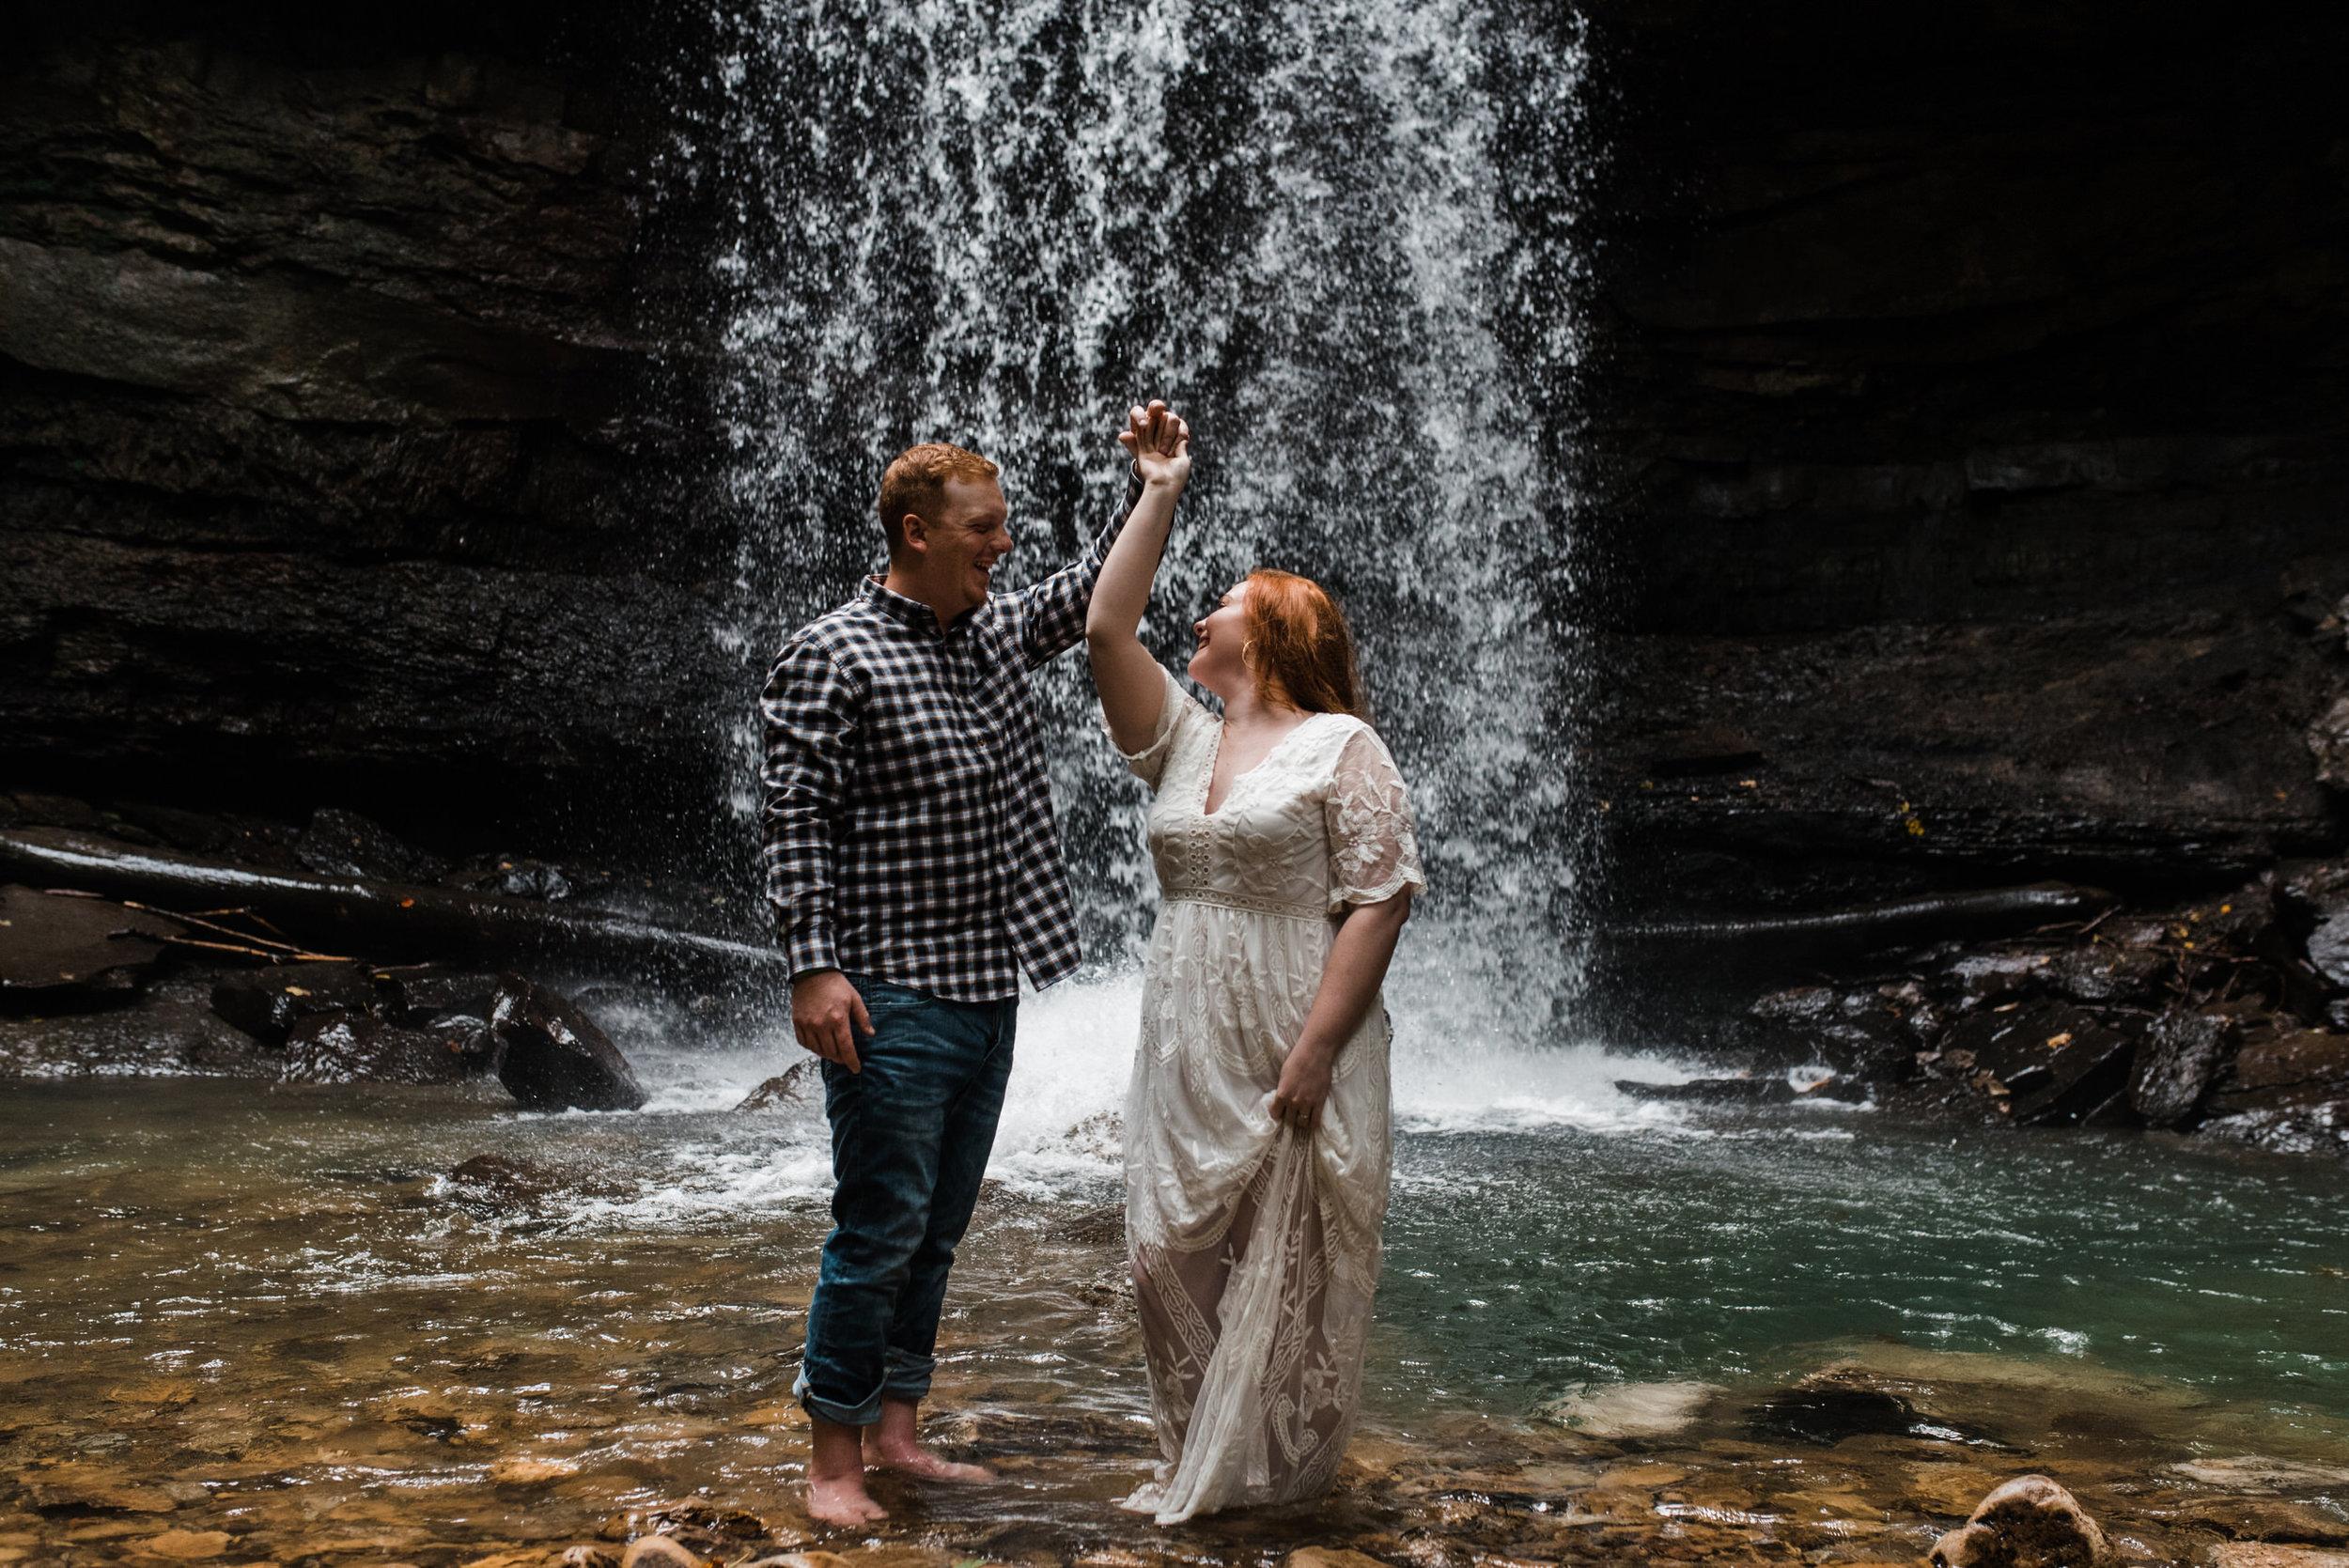 Ohio-Pyle-Engagement_Photos-Ashley-Reed_Photography_030.jpg